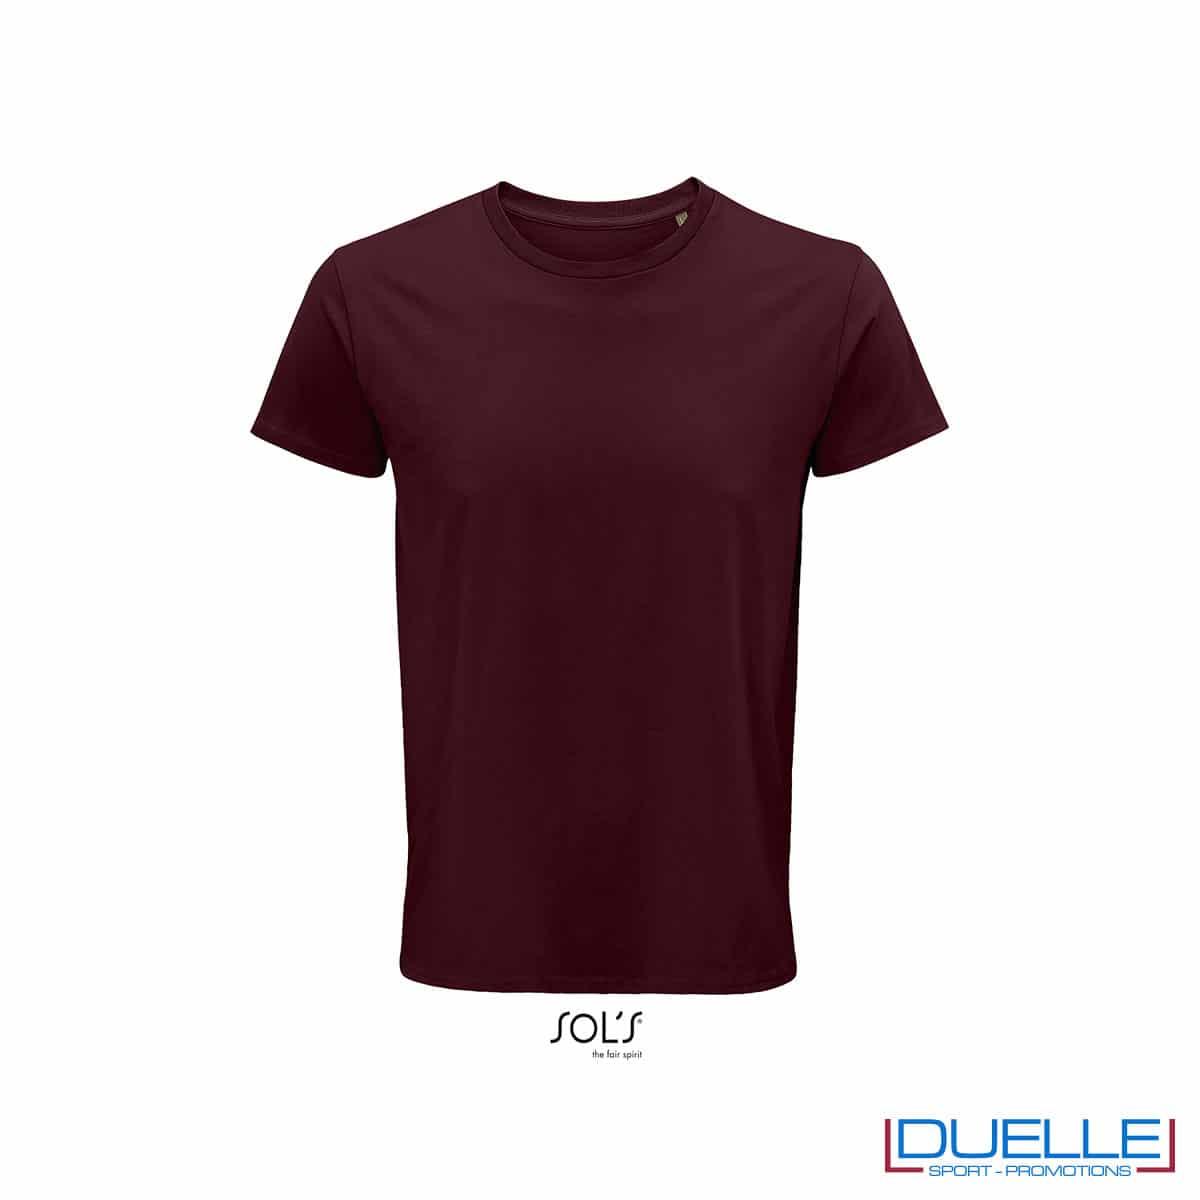 Maglietta ecosostenibile cotone biologico personalizzata colore bordeaux